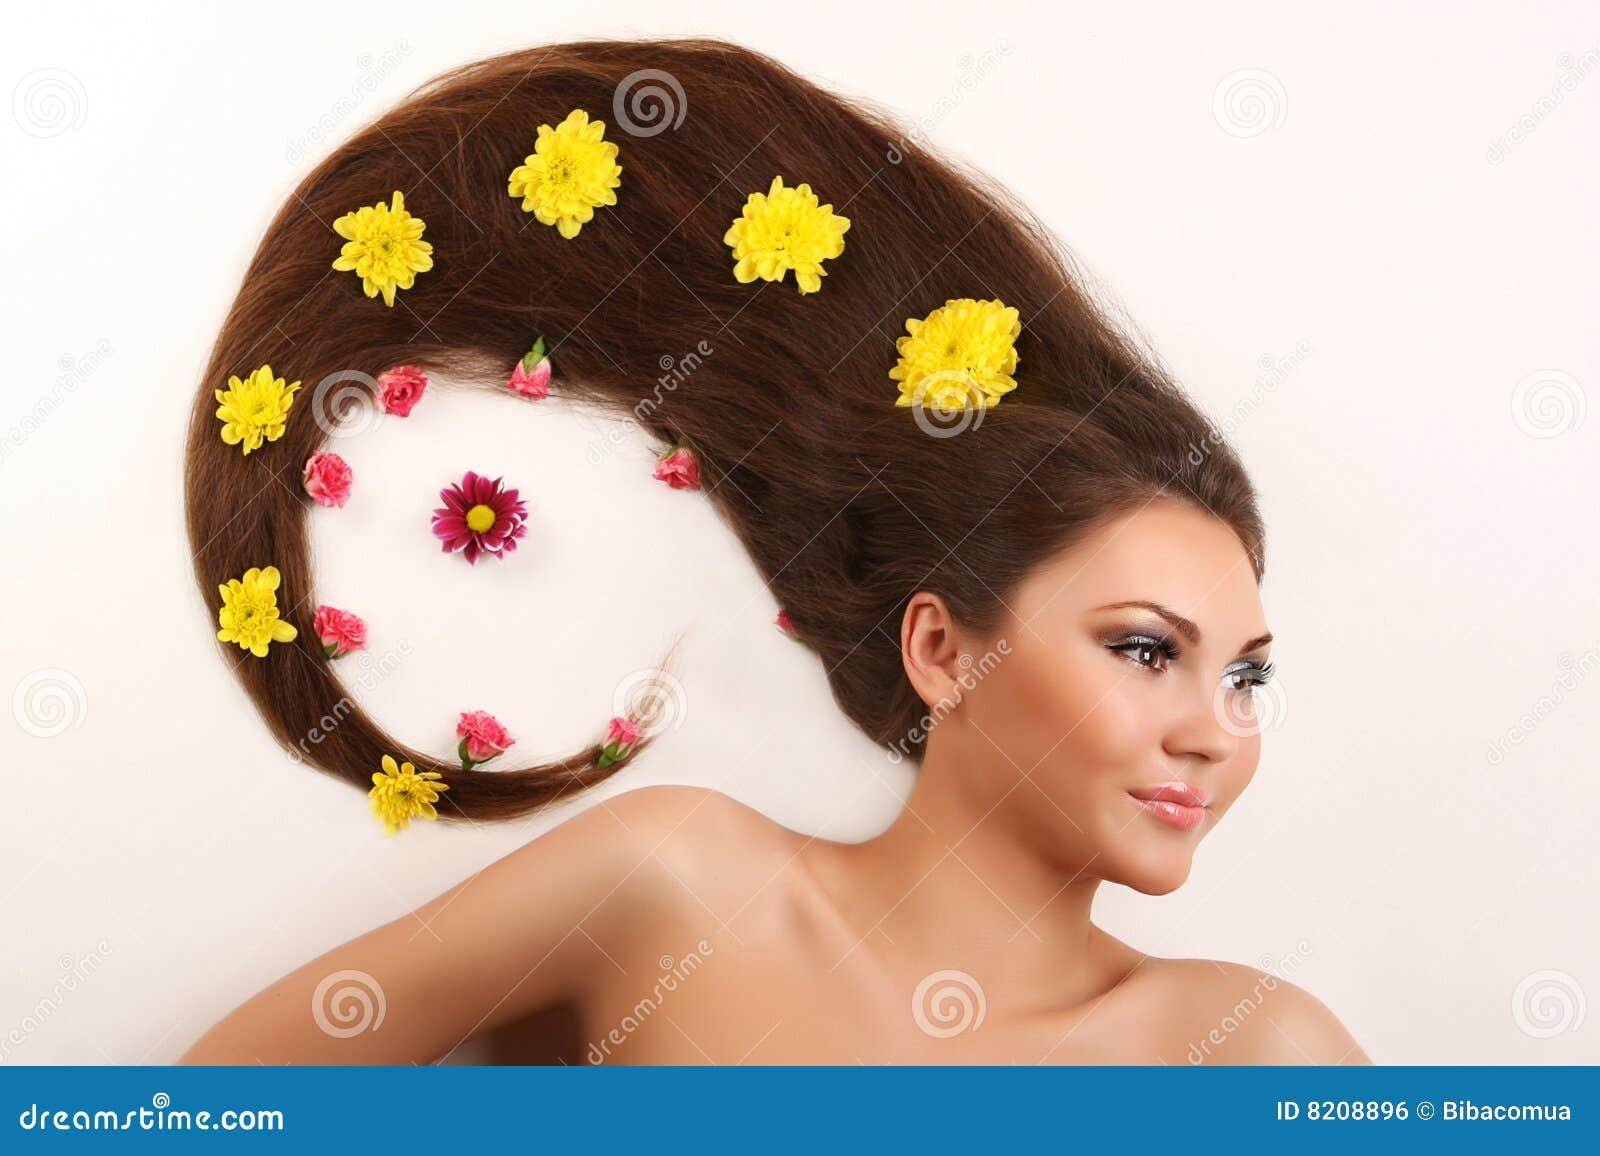 Выпадение волос на висках у мужчин причины